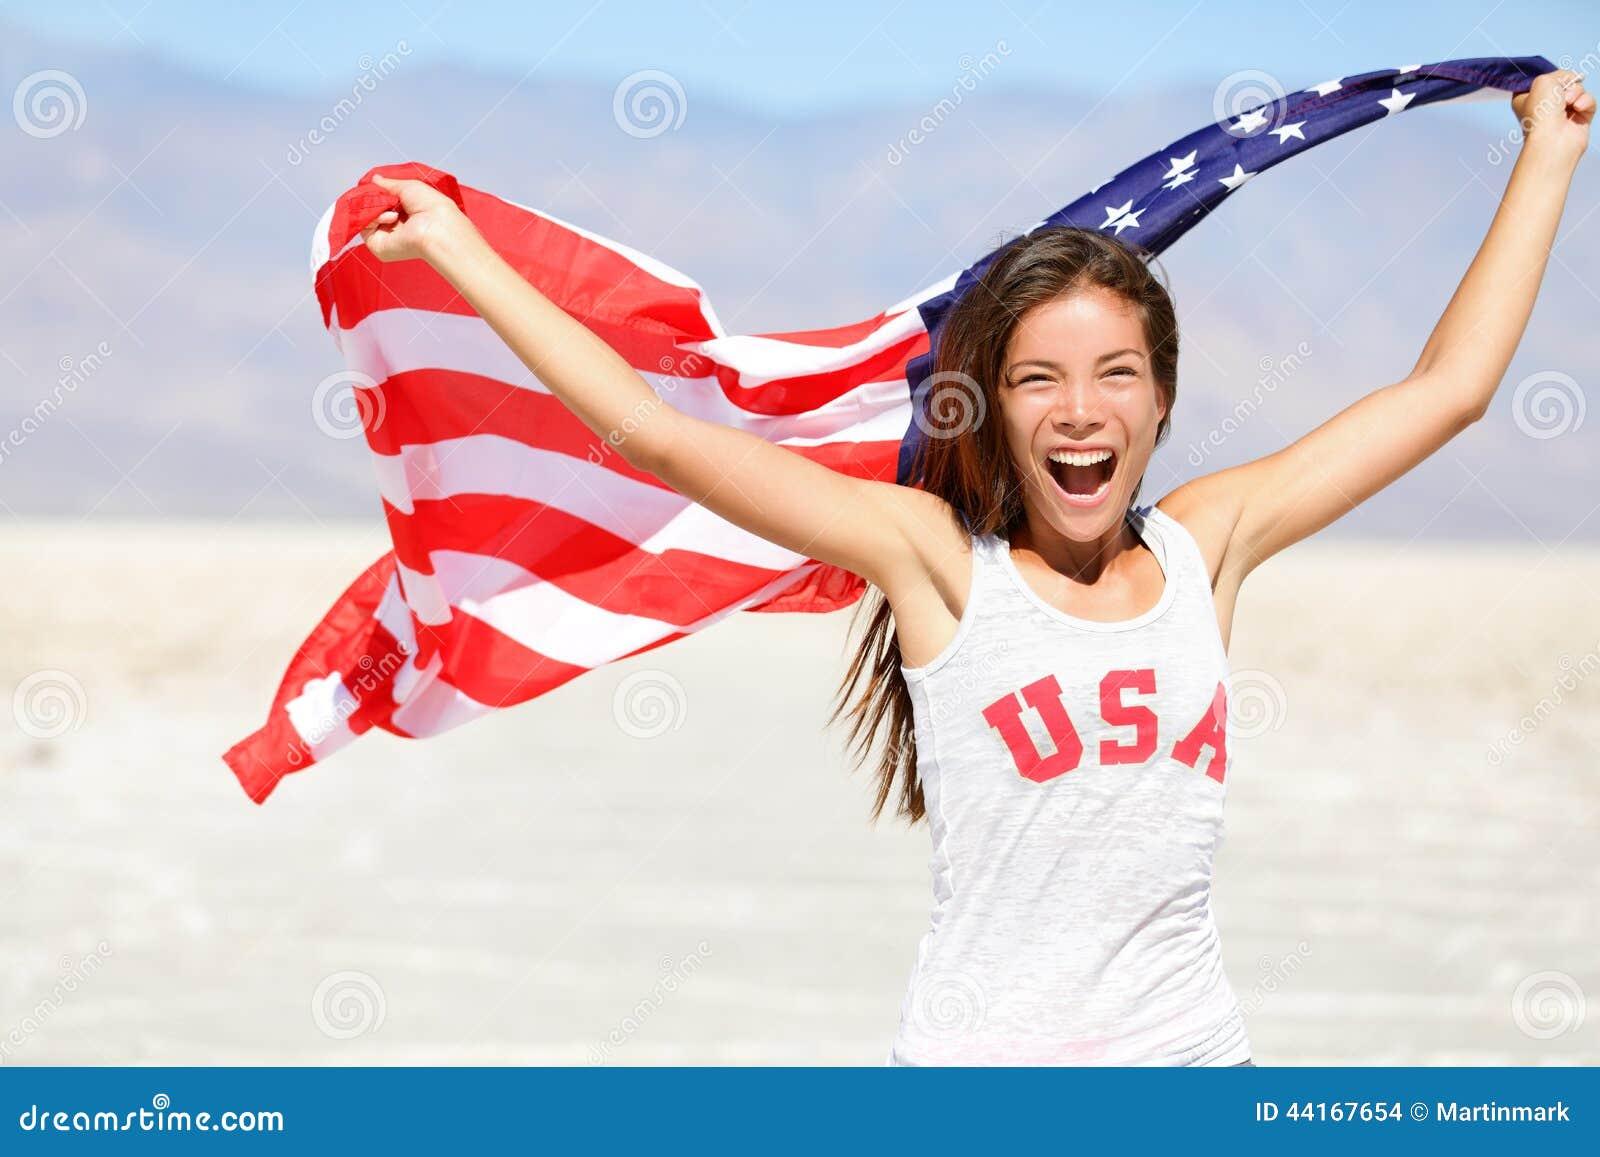 Bandera americana - la mujer los E.E.U.U. se divierte al ganador del atleta